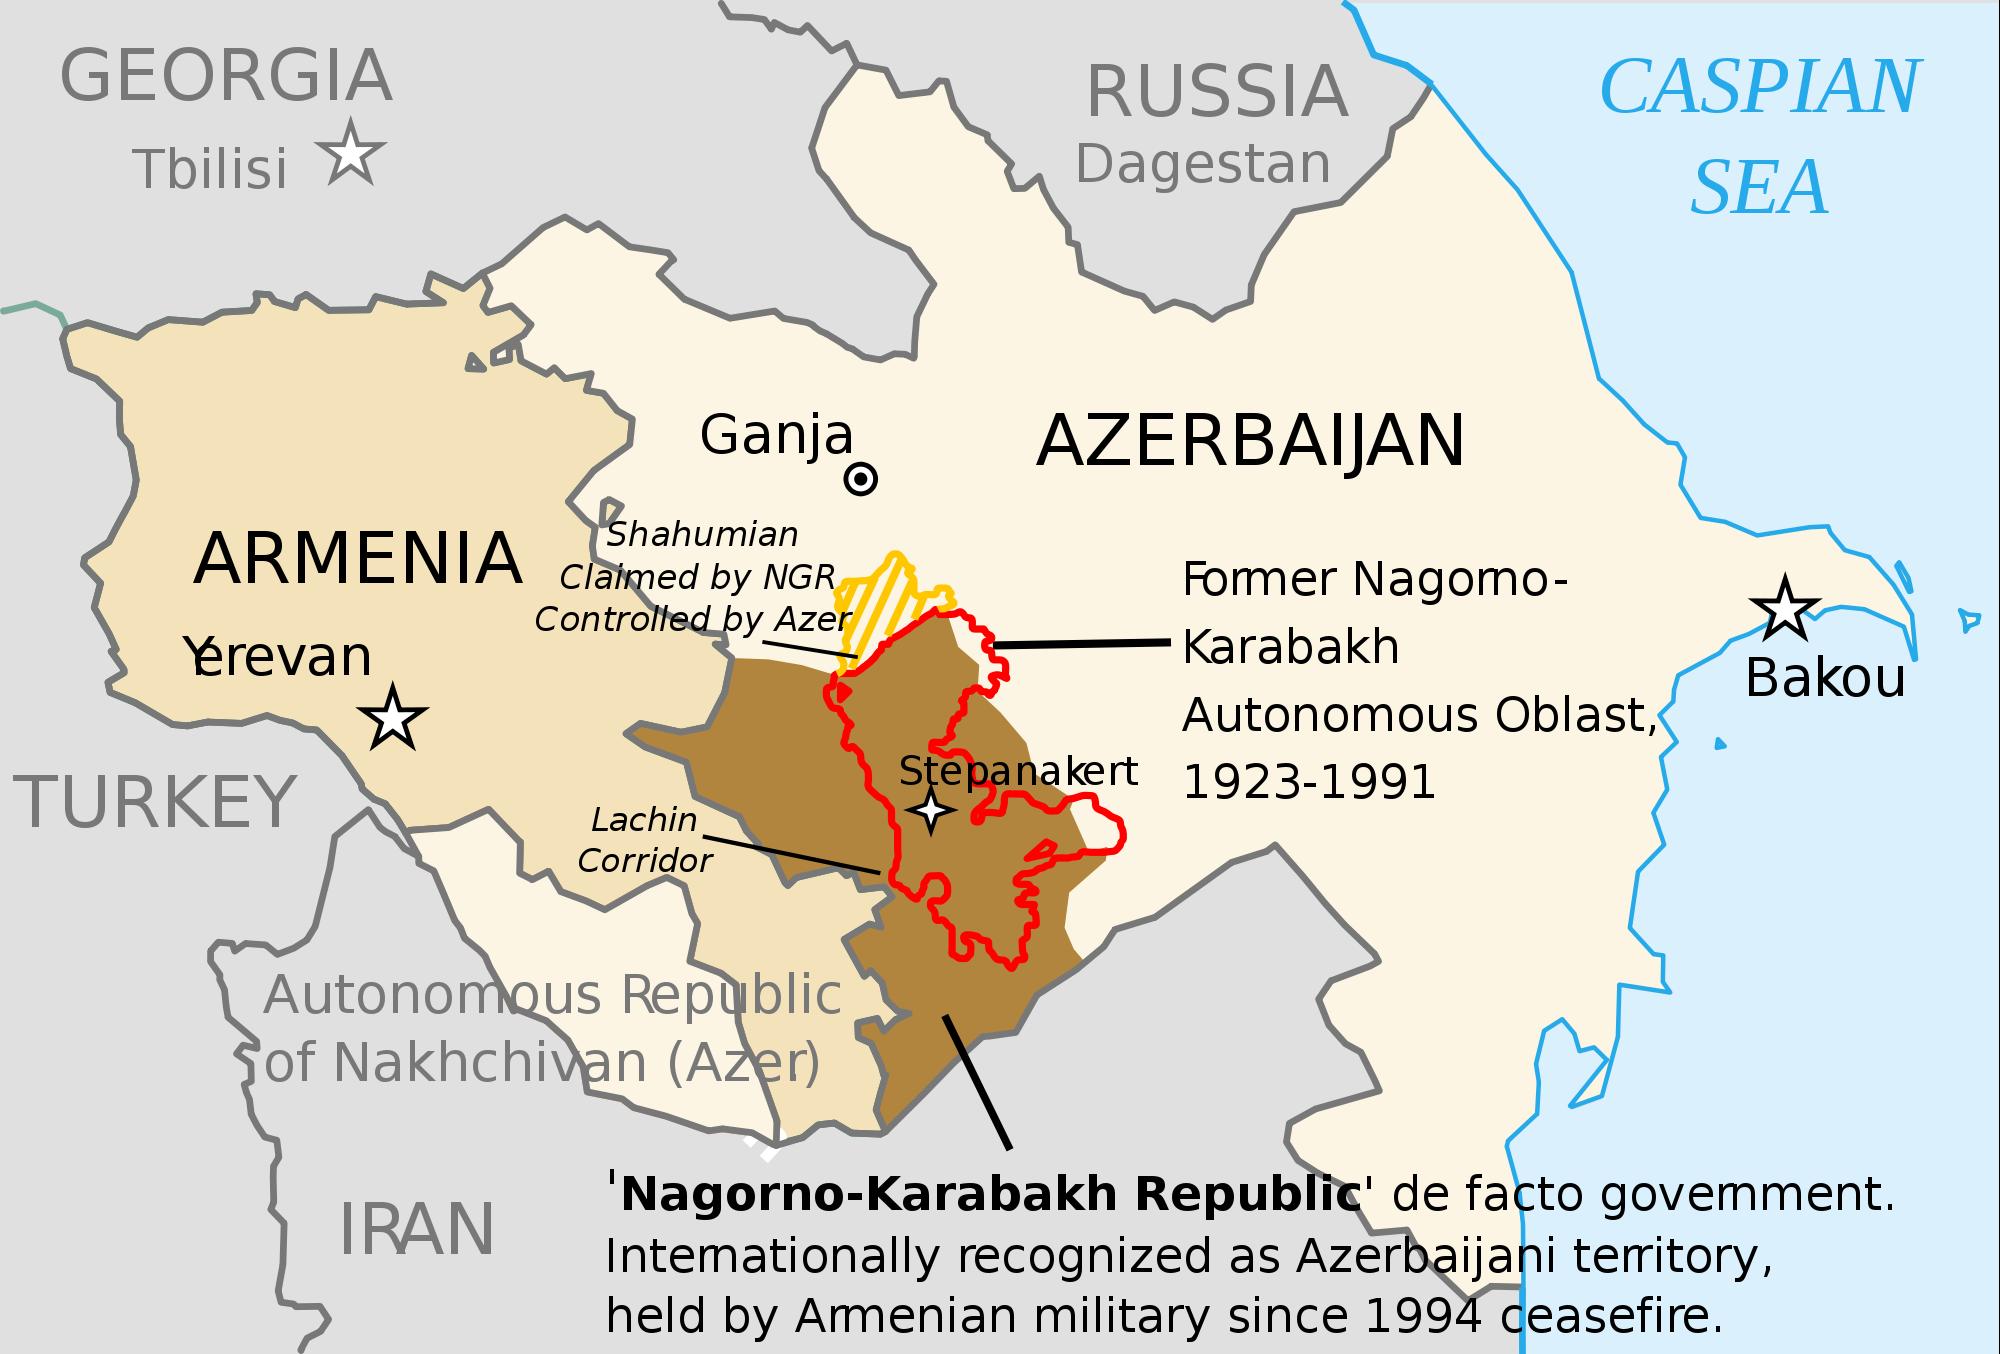 LM.GEOPOL - III-2020-1246 arménie VII (2020 09 27) FR